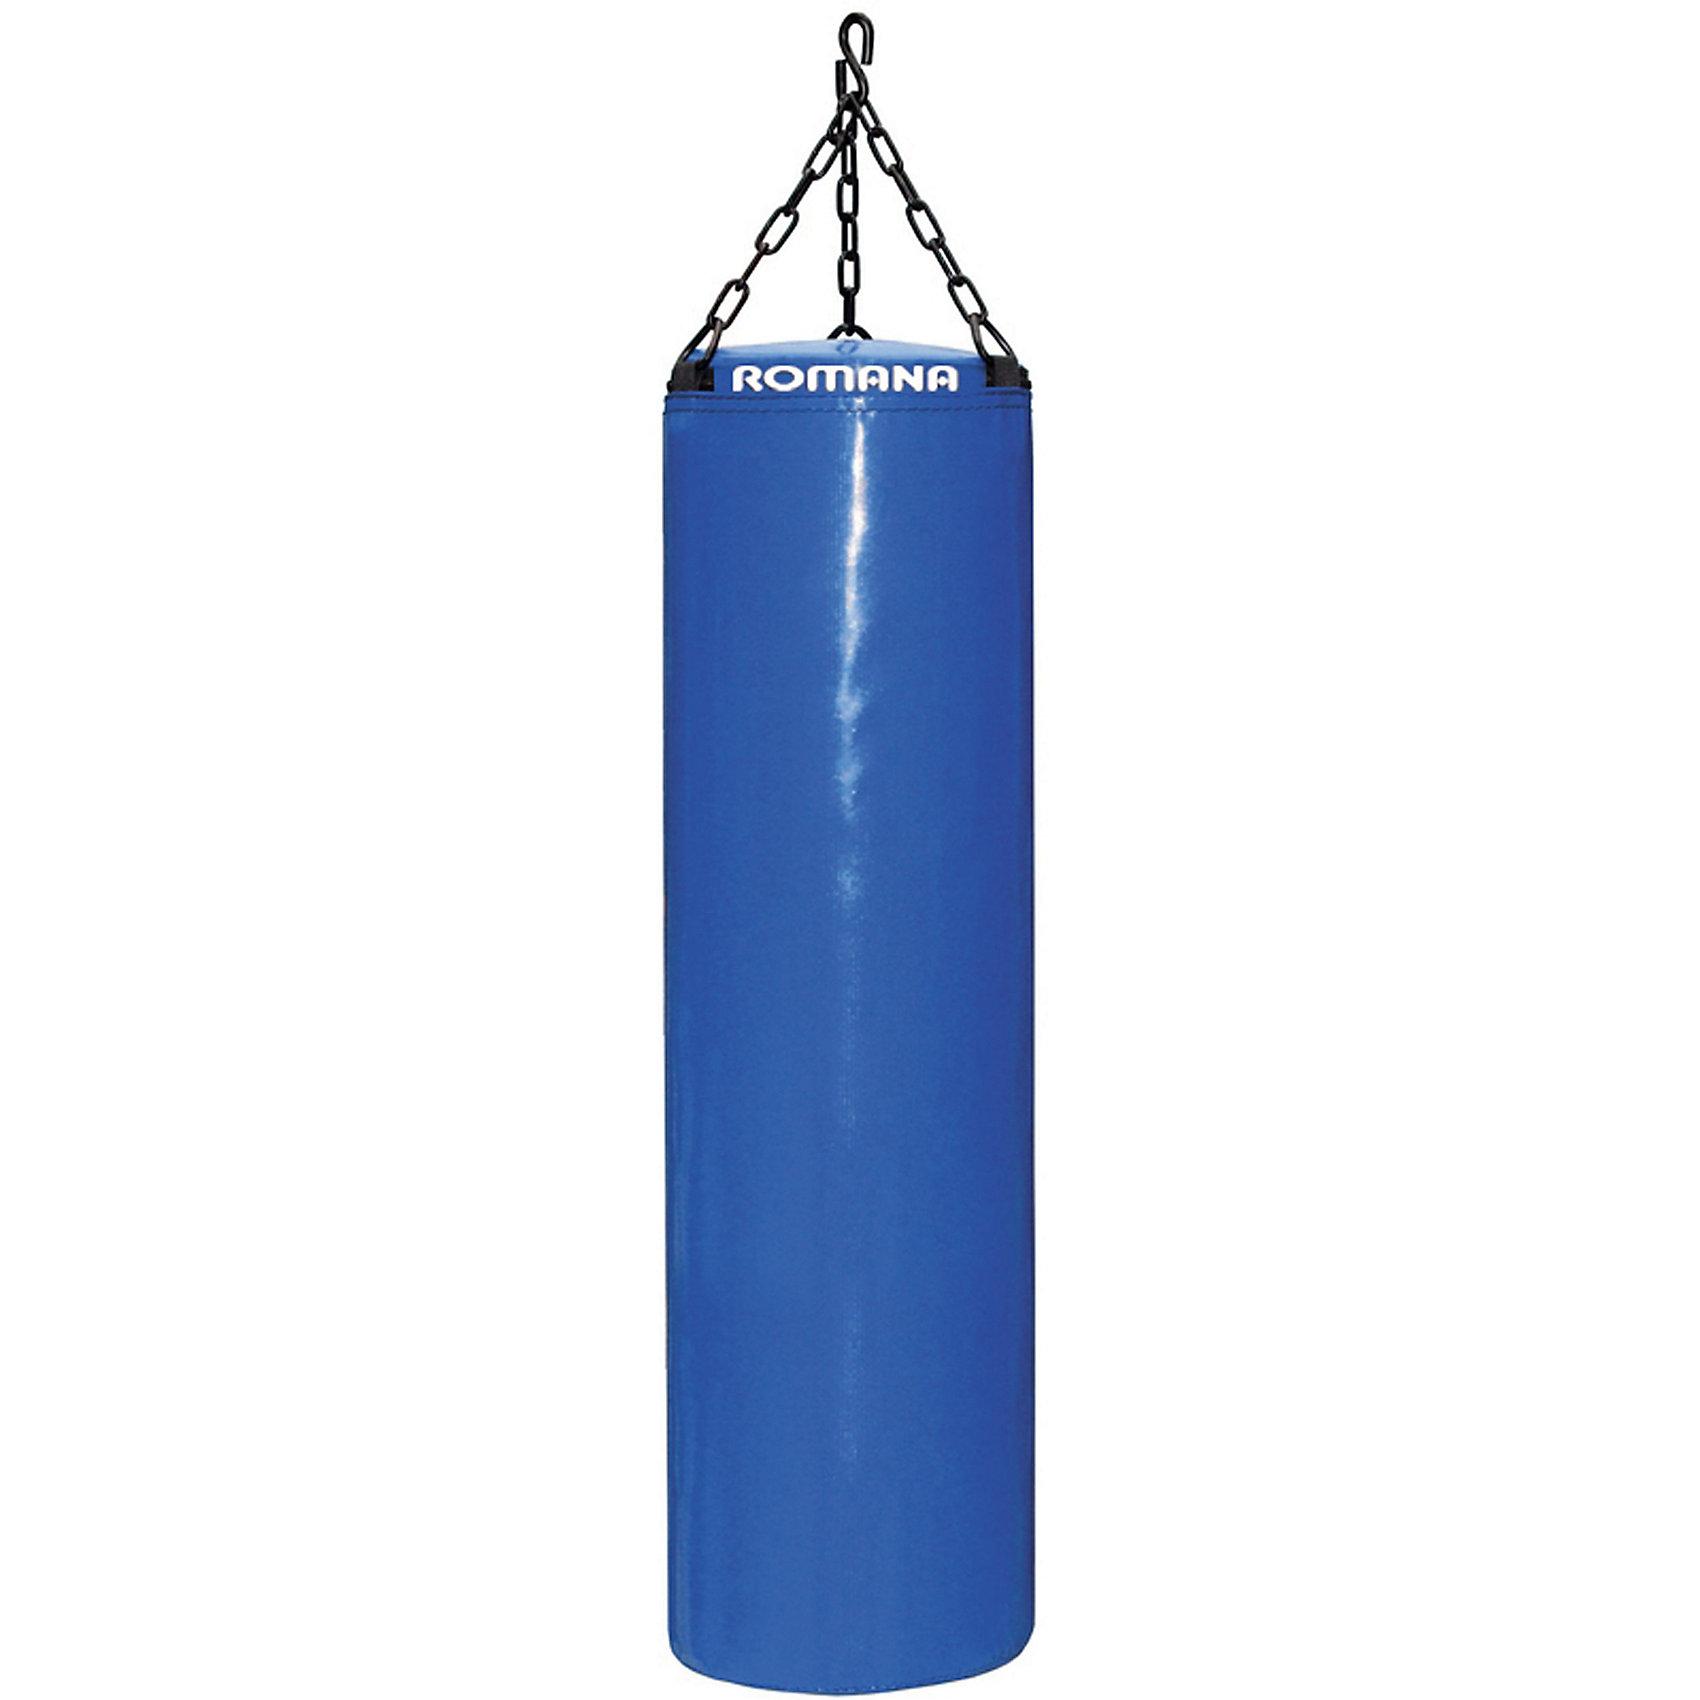 Мешок боксерский, вес 20кг, ROMANAМалыш мечтает себя почувствовать звездой бокса? Подарите ему настоящий боксерский мешок! Данная модель предназначена как дополнительный элемент к детскому домашнему спортивному комплексу. Игры и спортивные упражнения с тренажером развивают координацию, укрепляют мышцы и тренируют физическую форму. Все детали легко очищаются даже от самых сложных загрязнений. Материалы, использованные при изготовлении изделия, абсолютно безопасны для детей и отвечают всем международным требованиям по качеству. <br><br>Дополнительная информация: <br><br>цвет: в ассортименте;<br>размер: 20 х 20 х 40 см;<br>вес: в ассортименте;<br>вес: 20 кг;<br>материал: поролон, винилискожа.<br><br>Детский боксерский мешок от компании ROMANA можно приобрести в нашем магазине.<br><br>Ширина мм: 600<br>Глубина мм: 300<br>Высота мм: 300<br>Вес г: 20000<br>Возраст от месяцев: 120<br>Возраст до месяцев: 144<br>Пол: Унисекс<br>Возраст: Детский<br>SKU: 4993356